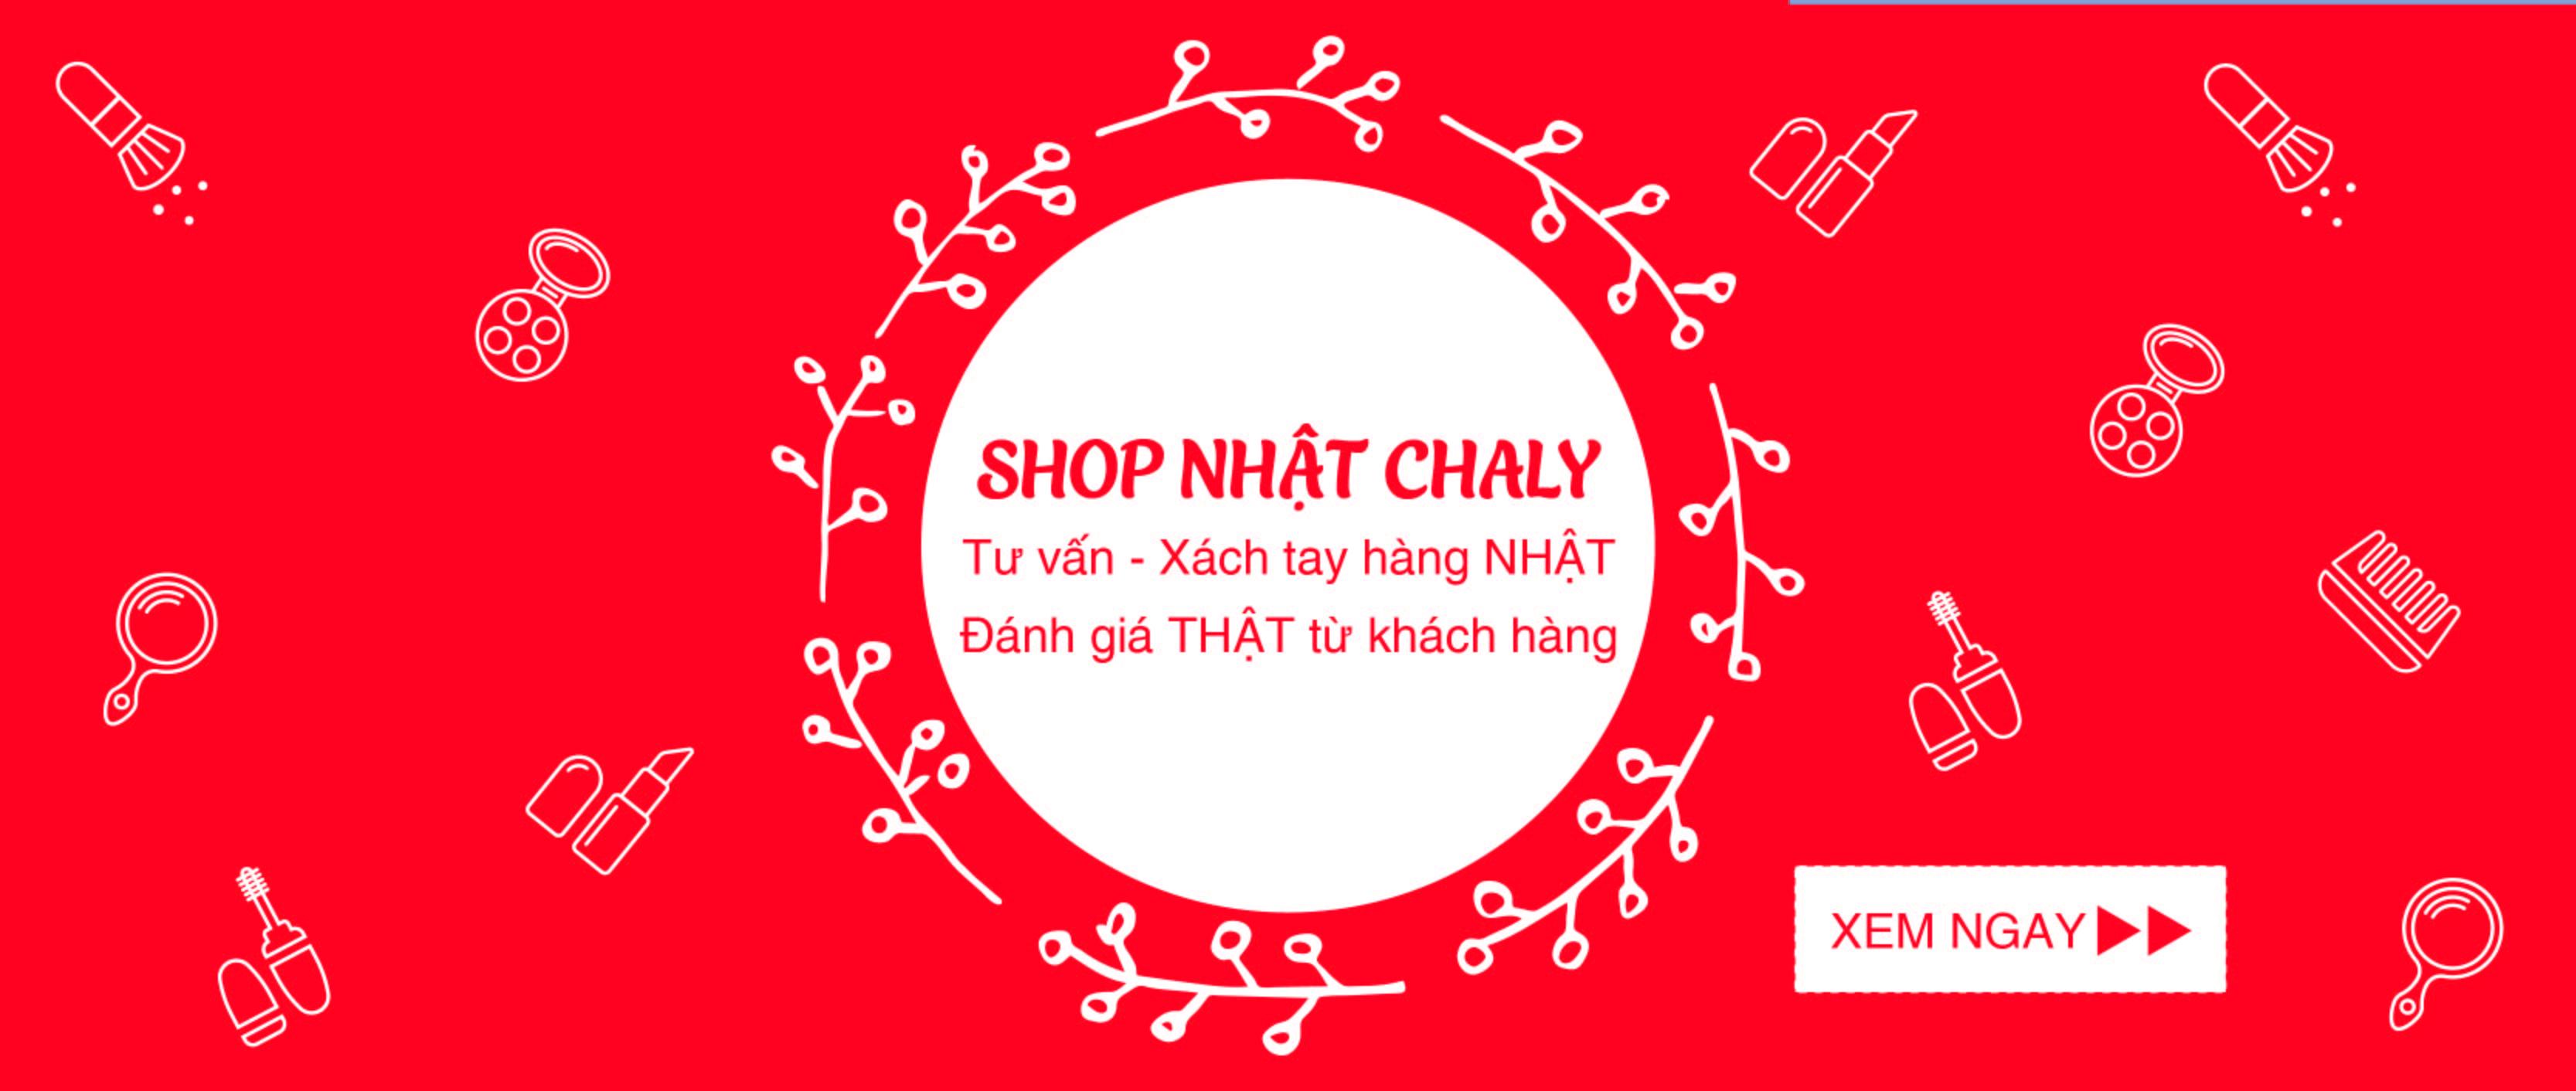 Review của khách hàng về Shop Nhật Chaly